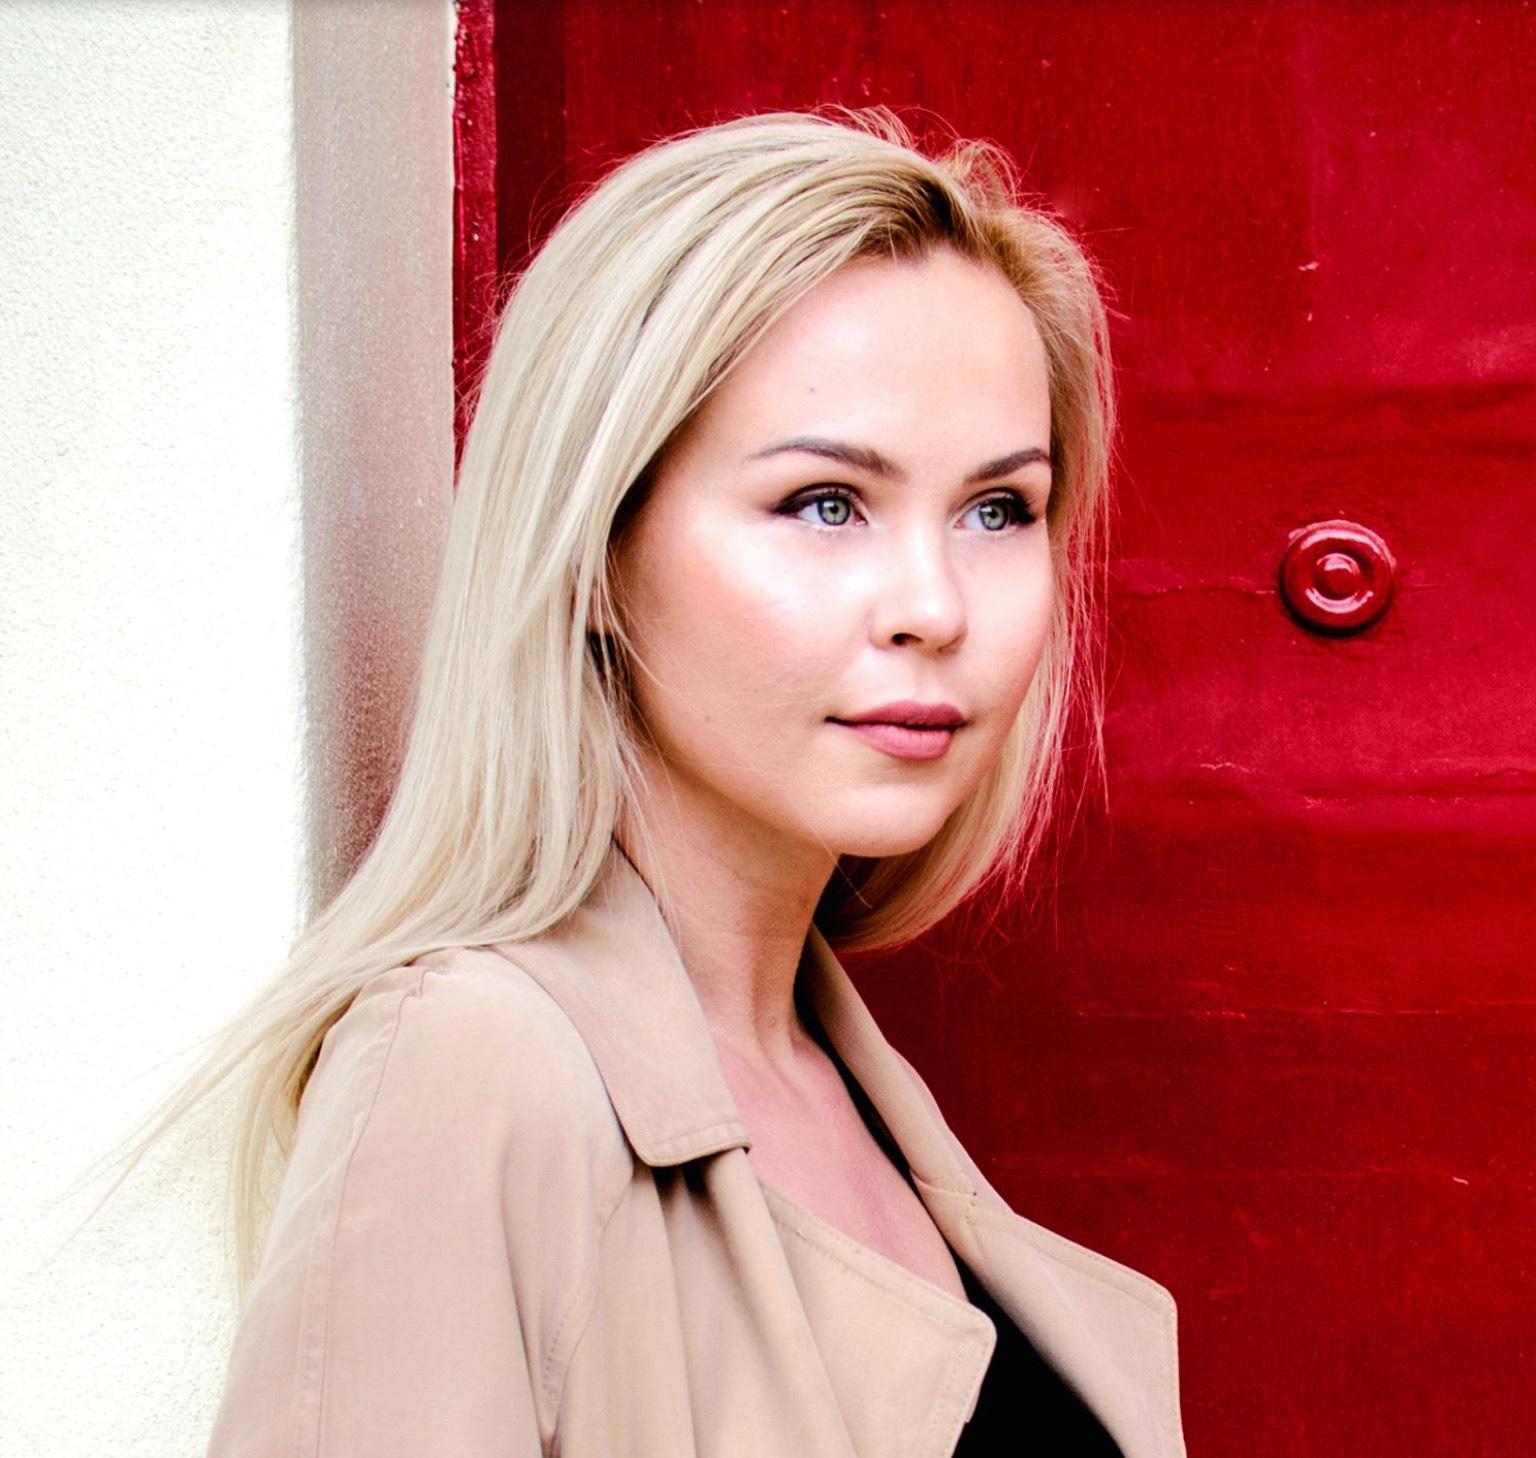 Elise Eimre